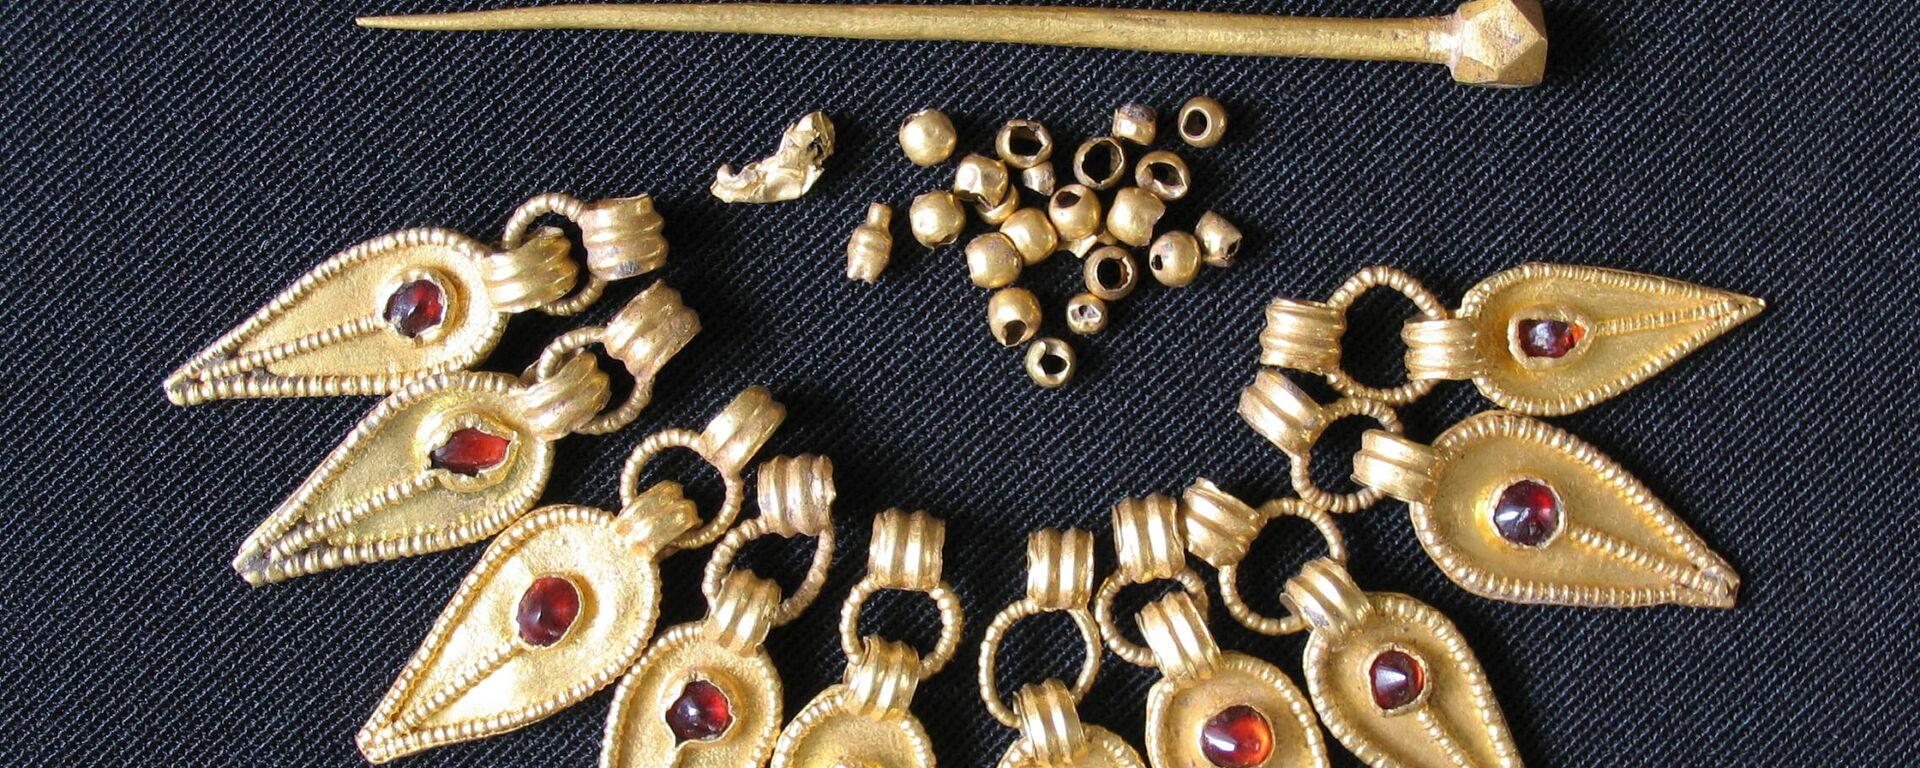 Fotografía de las piezas de un collar y par de agujas procedentes de la sepultura - Sputnik Mundo, 1920, 18.02.2021